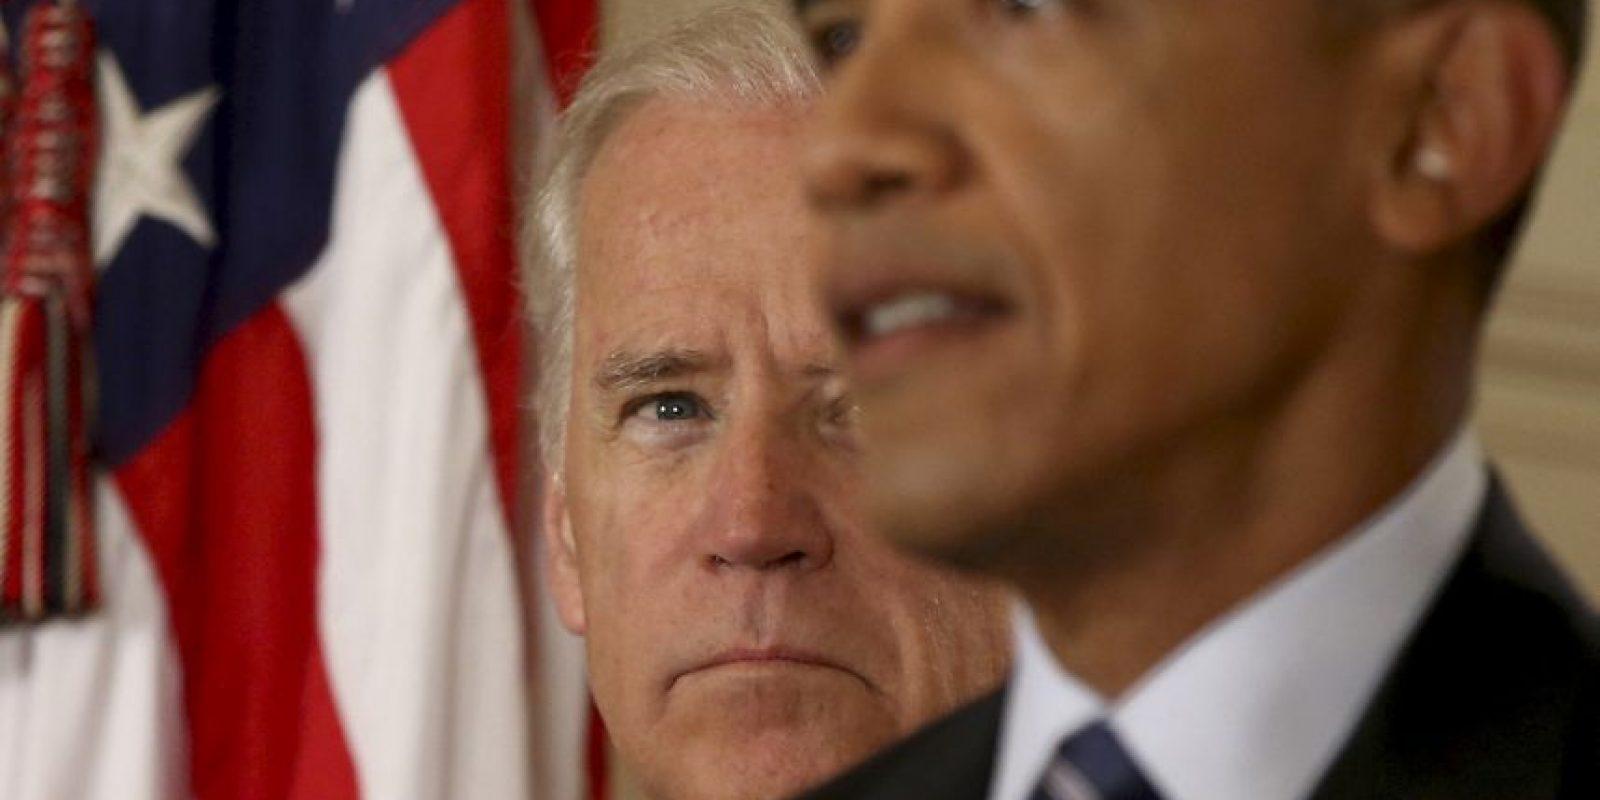 """8. """"Gracias a este acuerdo, la comunidad internacional podrá verificar que Irán no desarrolla un arma nuclear"""", expresó Obama tras el anuncio del acuerdo. Foto:AP"""